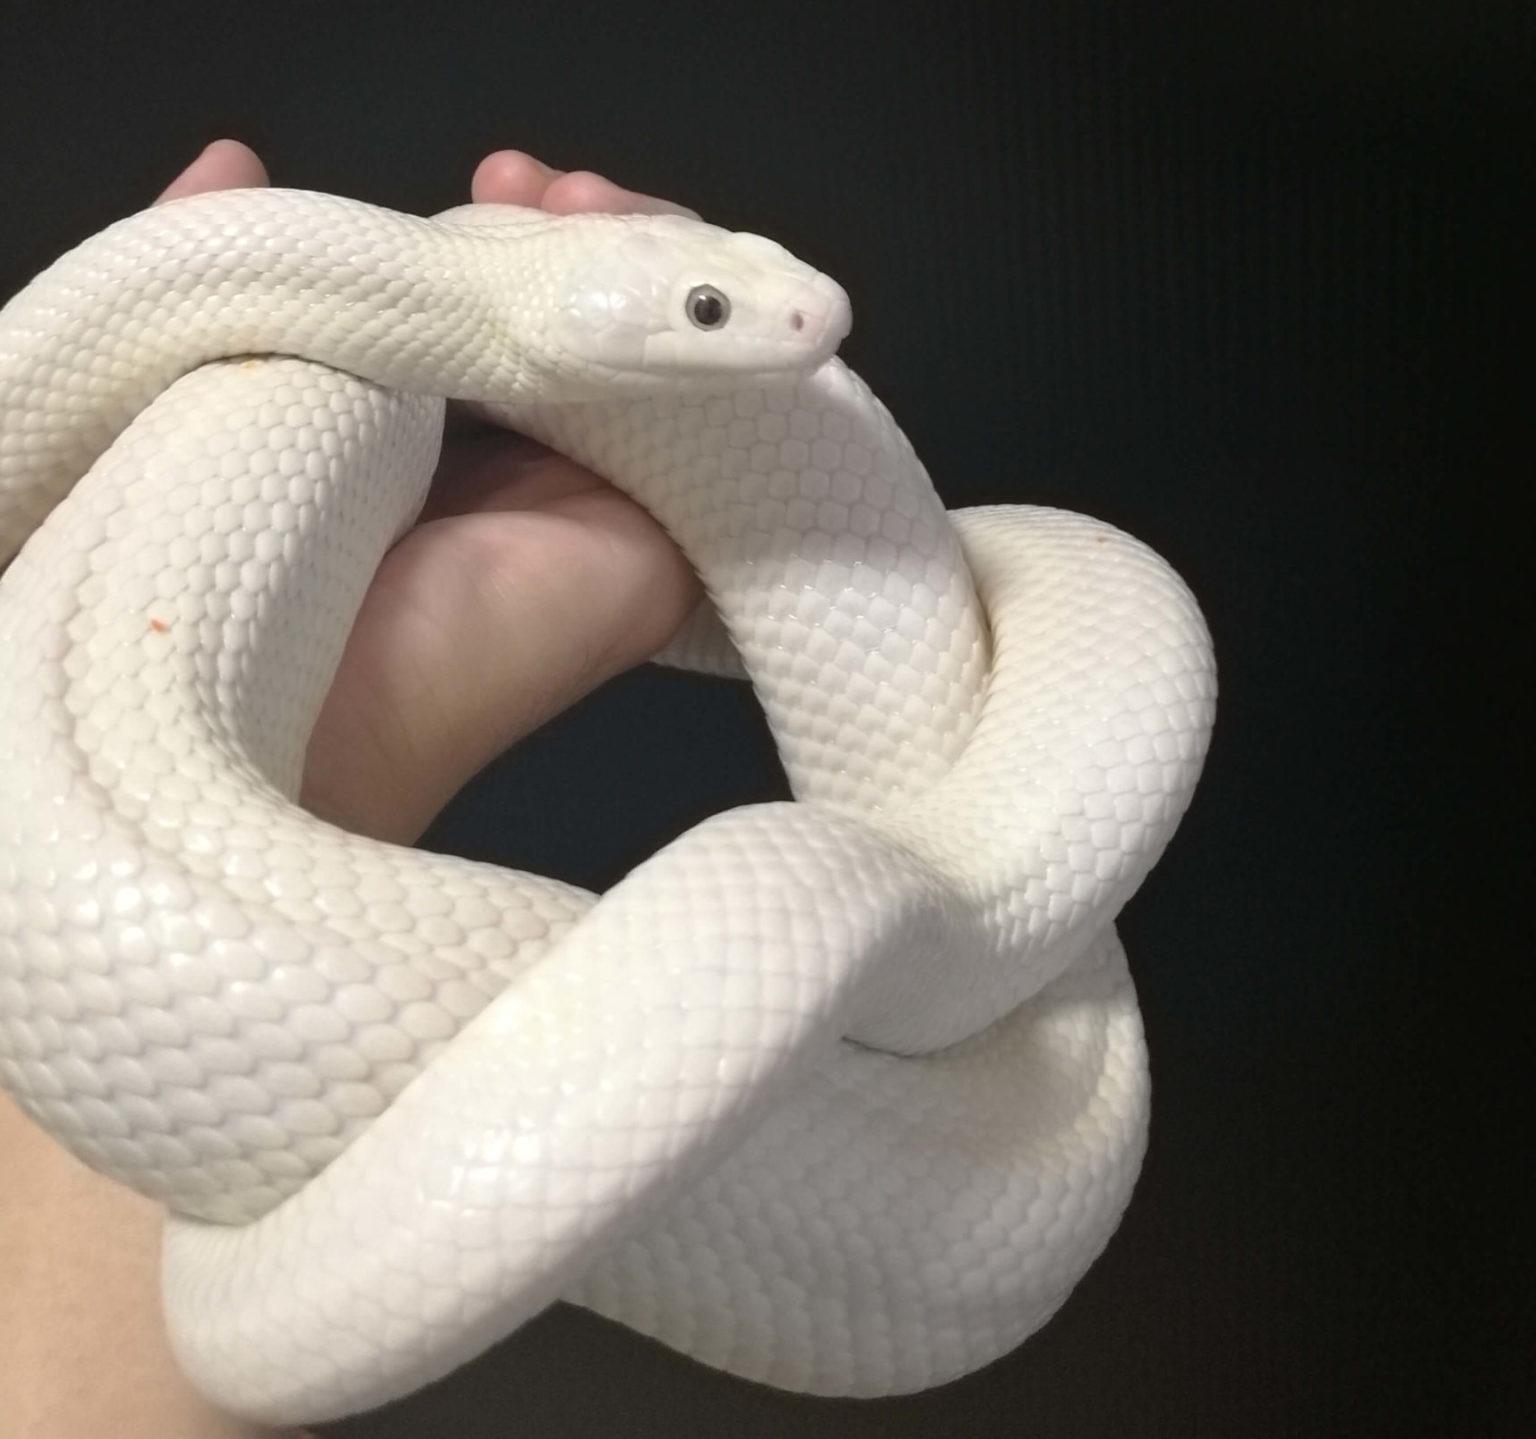 ハンドリングに落ち着く白ヘビ